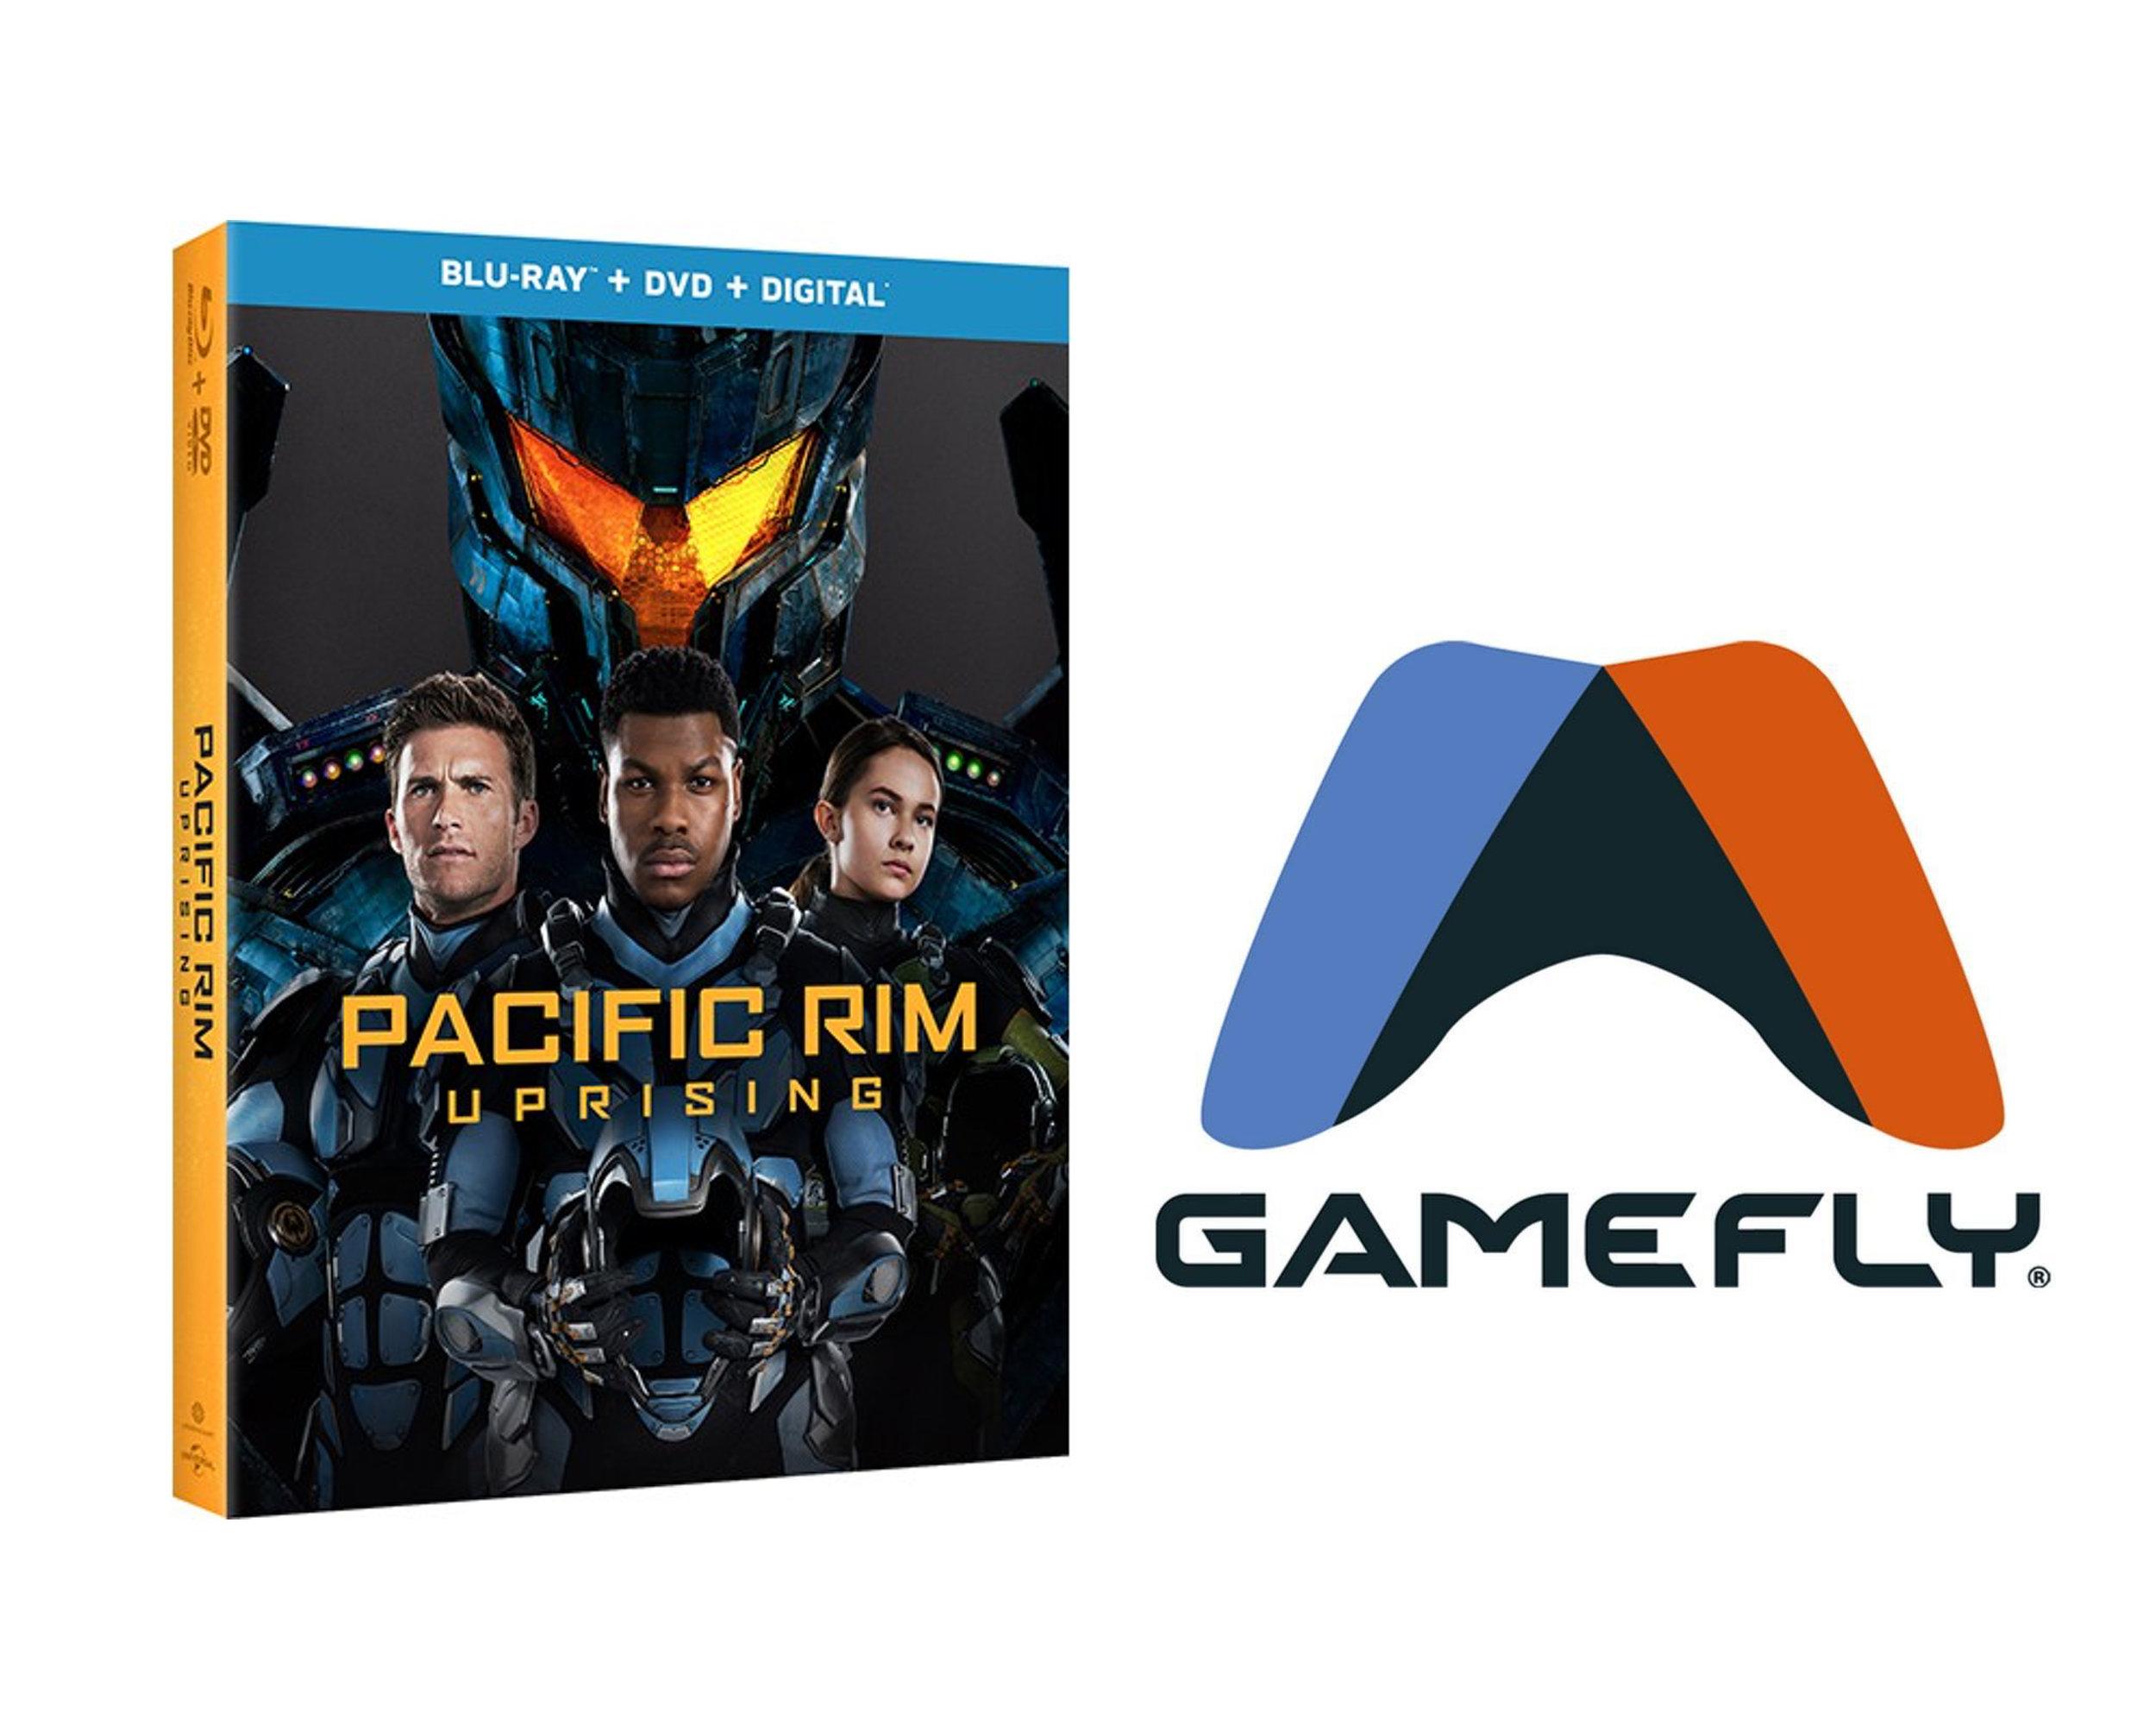 Pacific Rim Gamefly.jpg